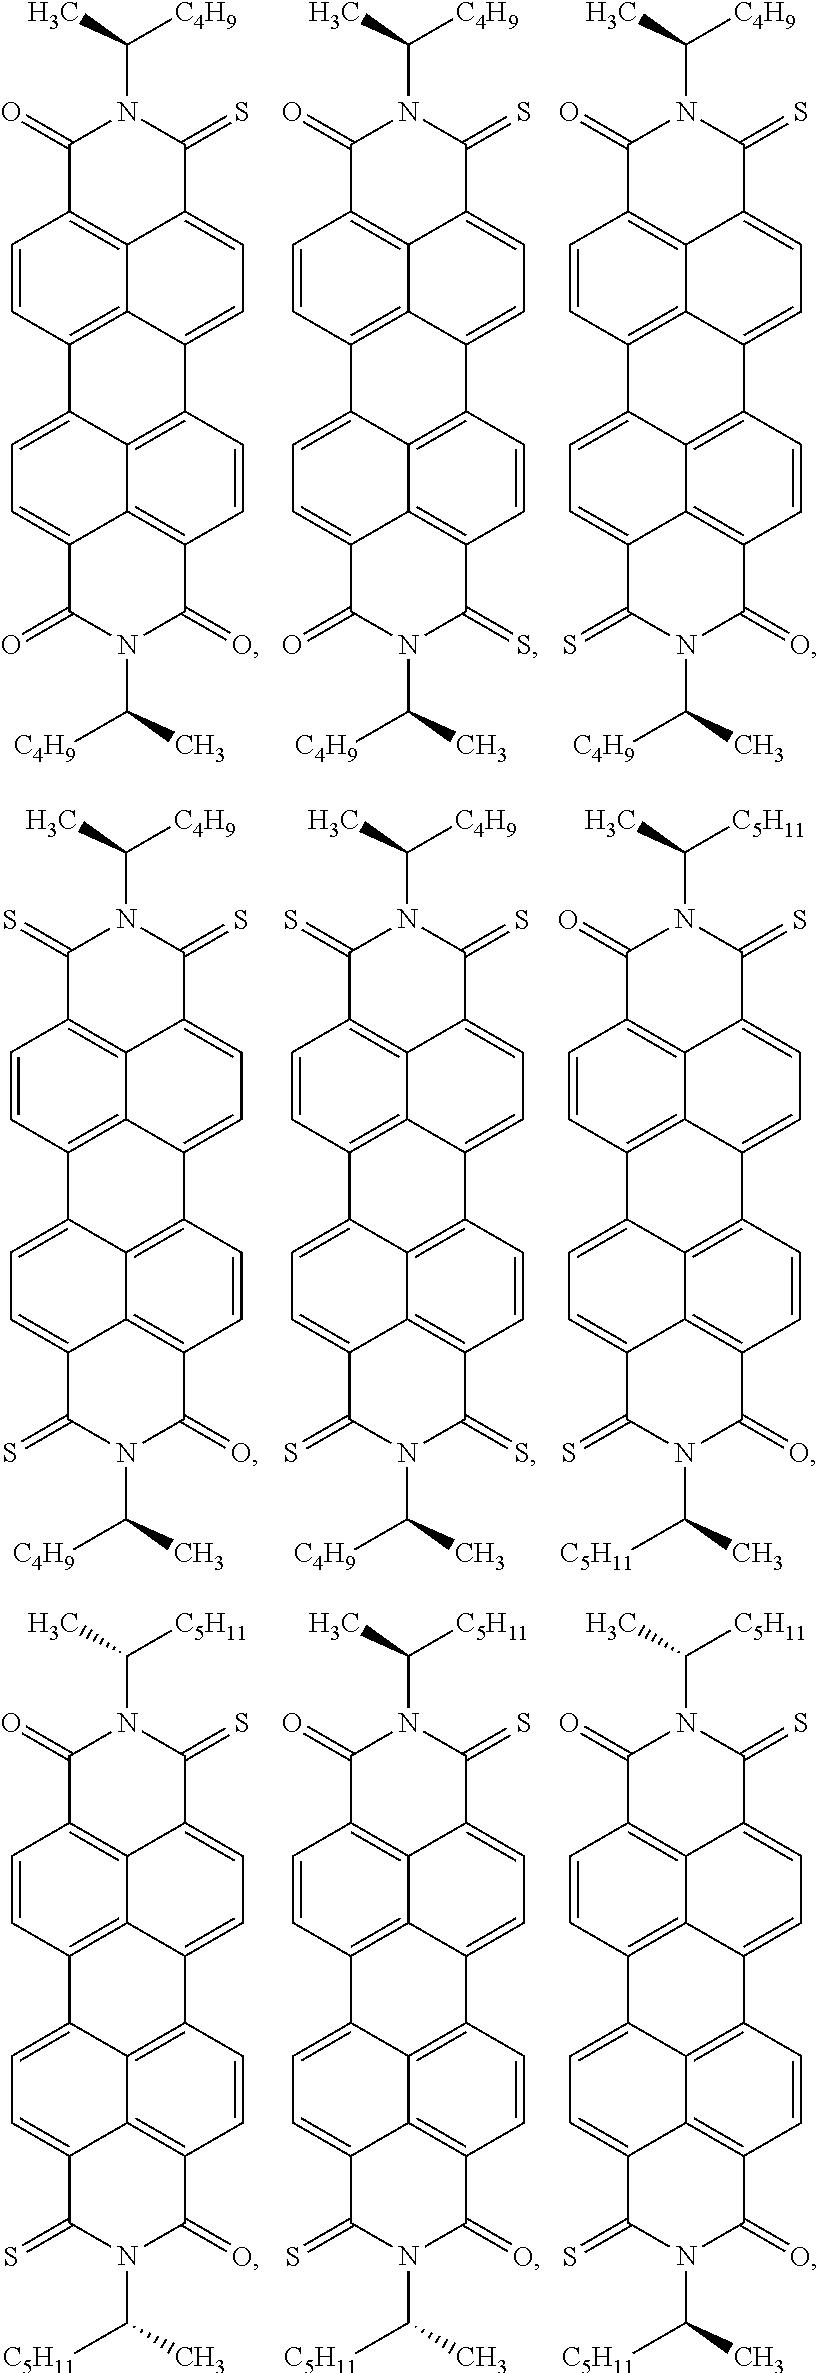 Figure US08440828-20130514-C00047